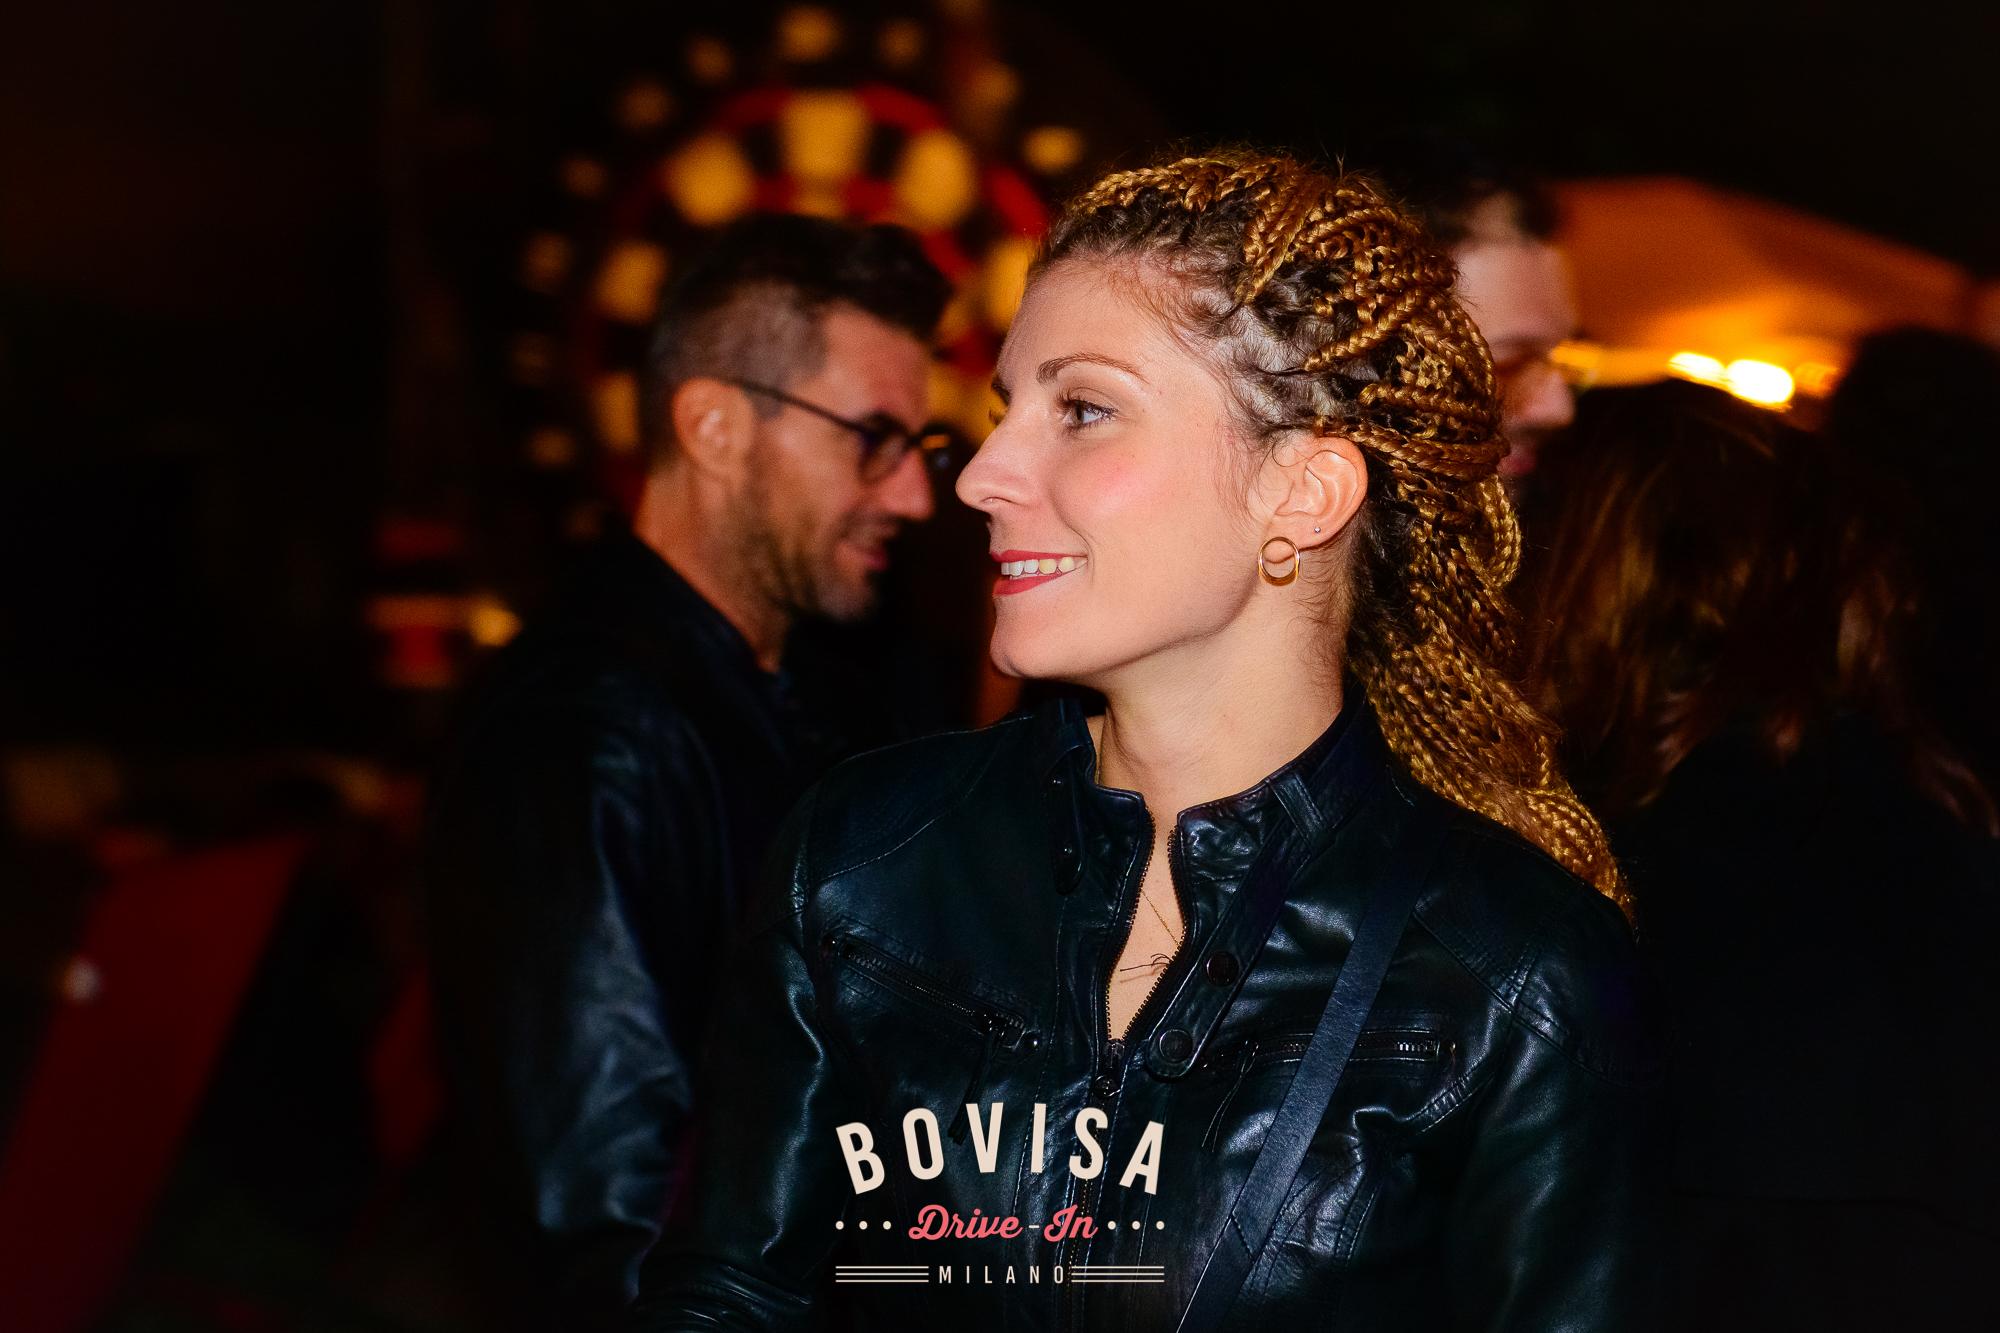 #10 Bovisa Drive-In - Weekend all'Italiana YOUparti risotto leprotto zafferano